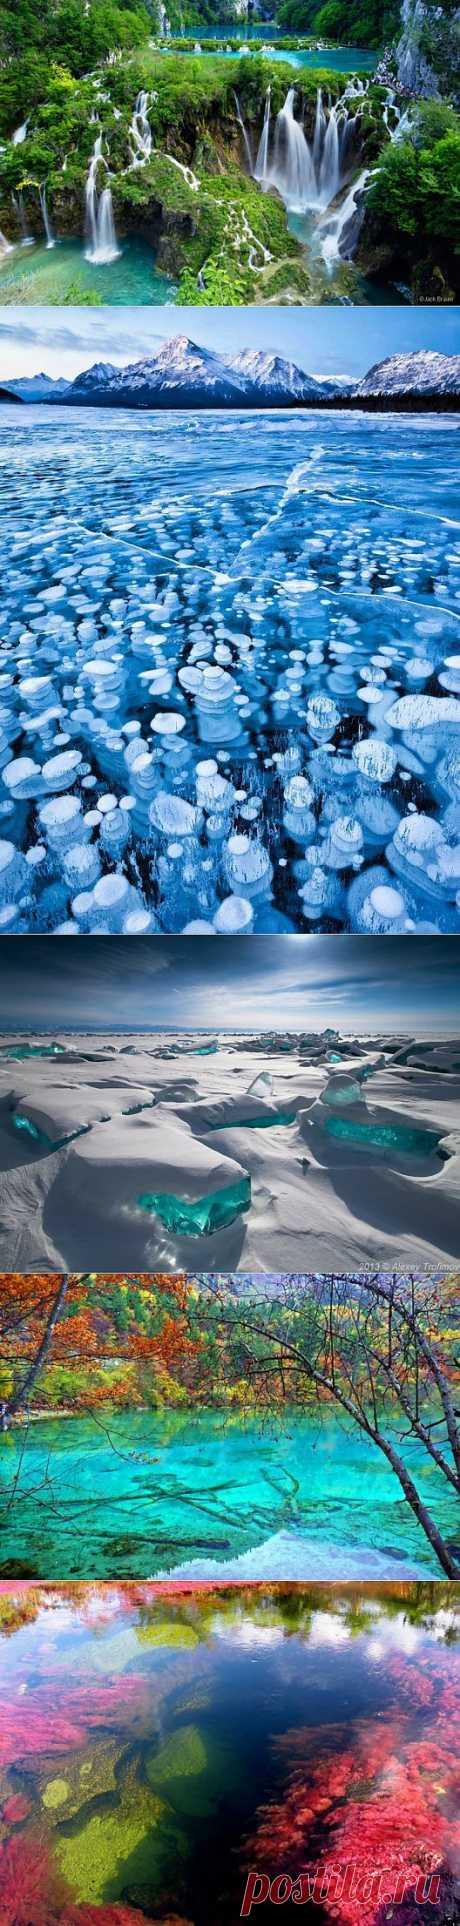 (+1) тема - 8 самых красивых водных ландшафтов мира   Среда обитания